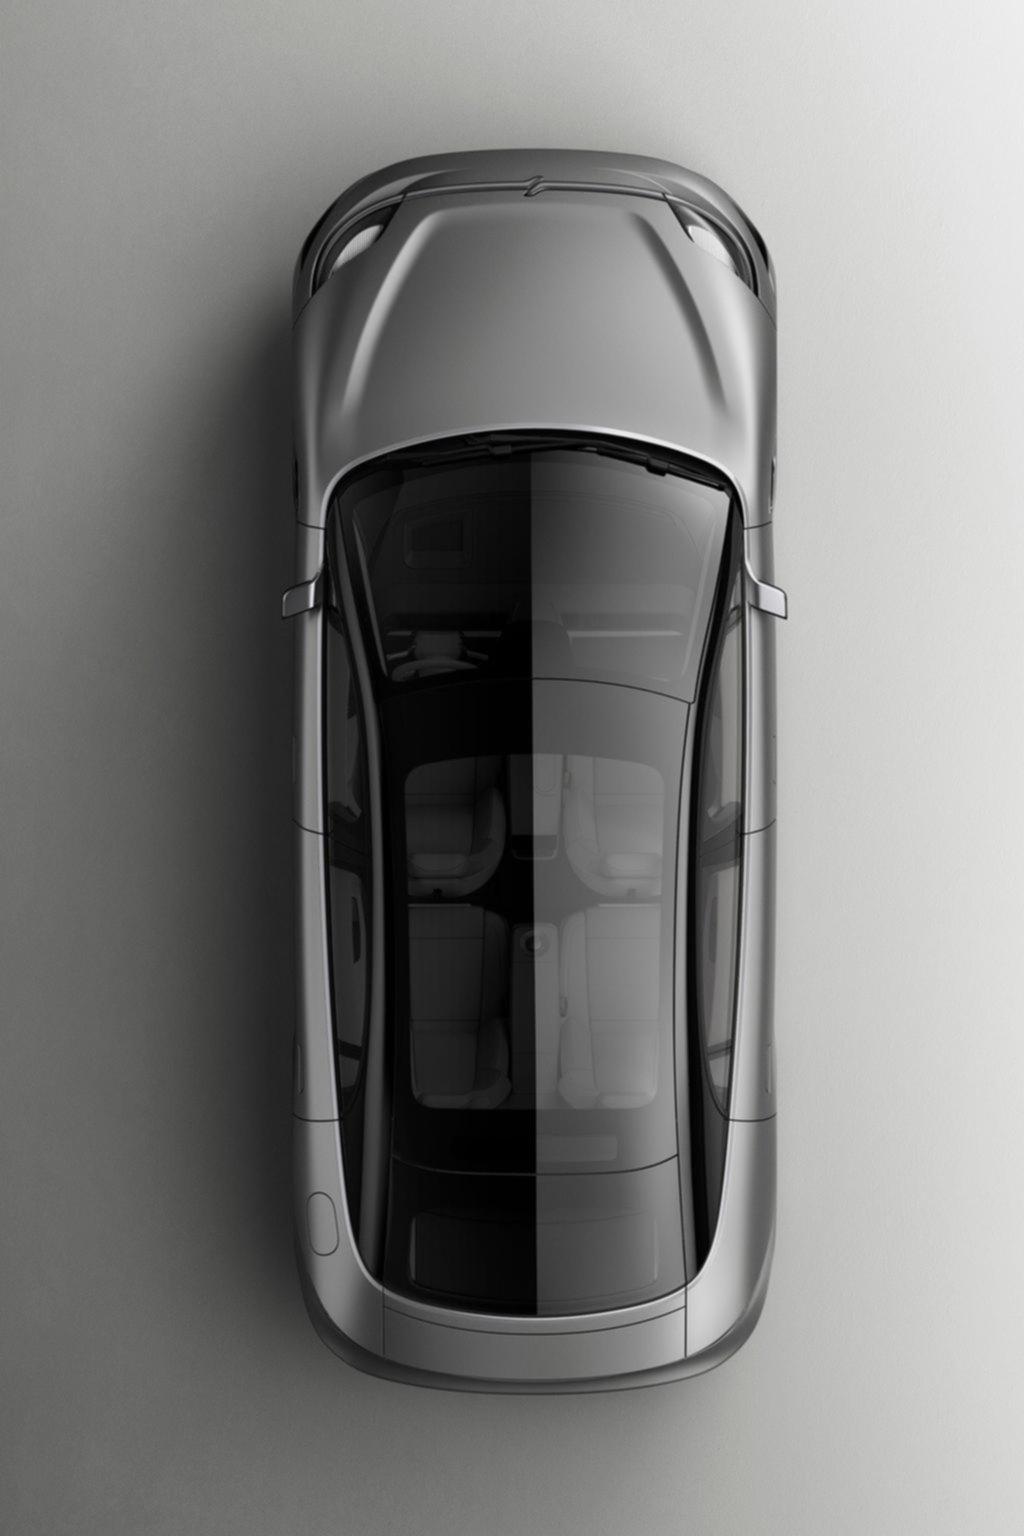 Sony sorprende con el prototipo de su primer auto eléctrico